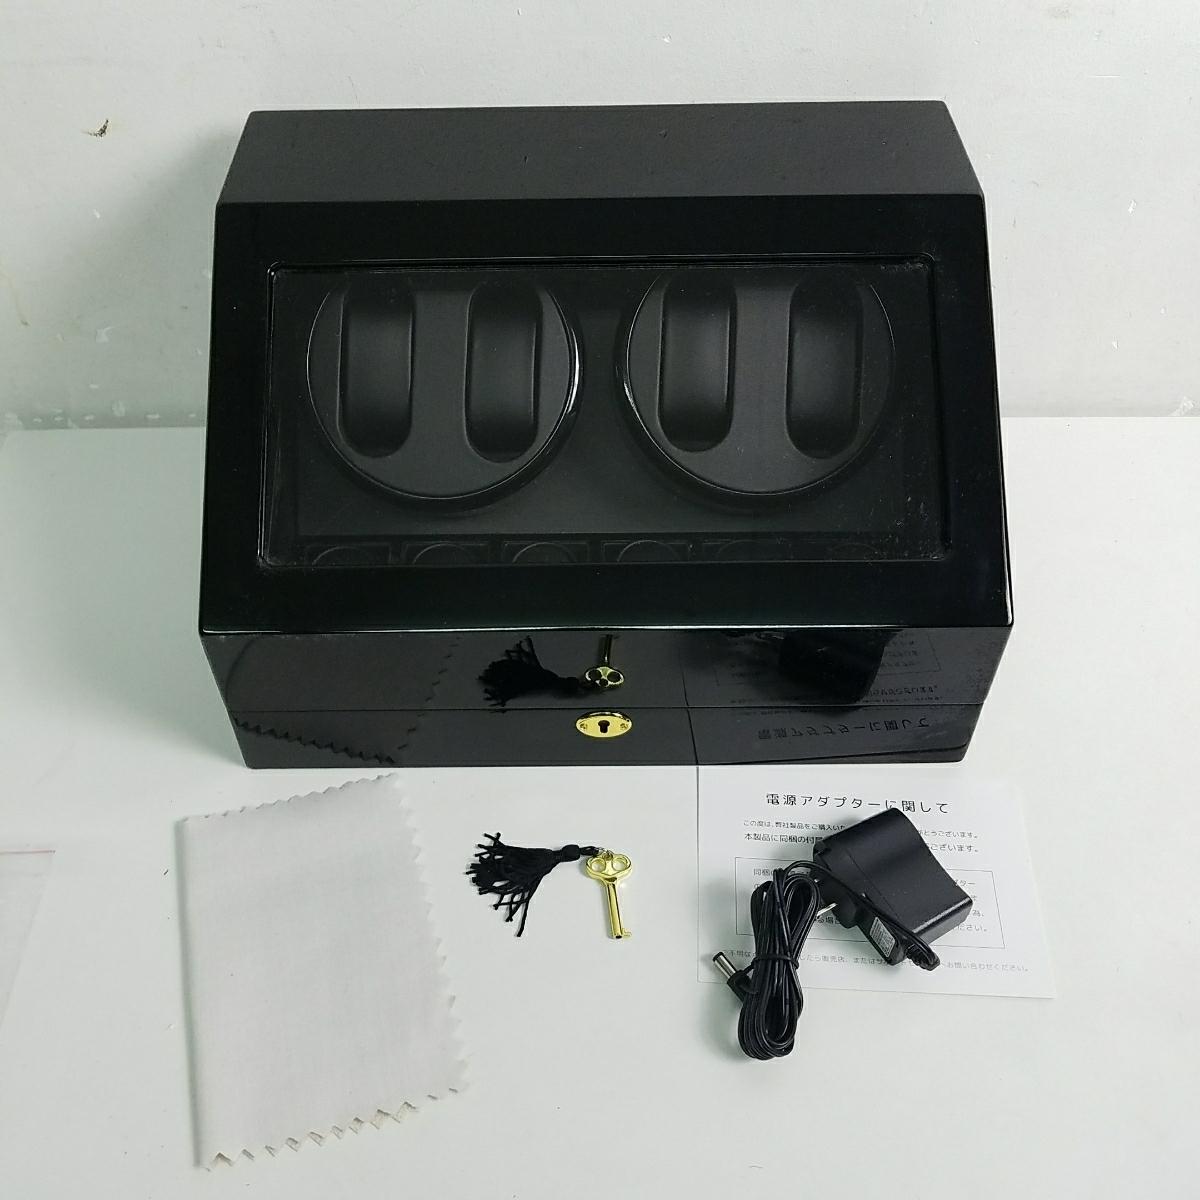 ■売切■ワインディングマシーン 腕時計 自動巻き時計 時計収納ケース ぜんまい巻き上げ 鍵付き m932-120